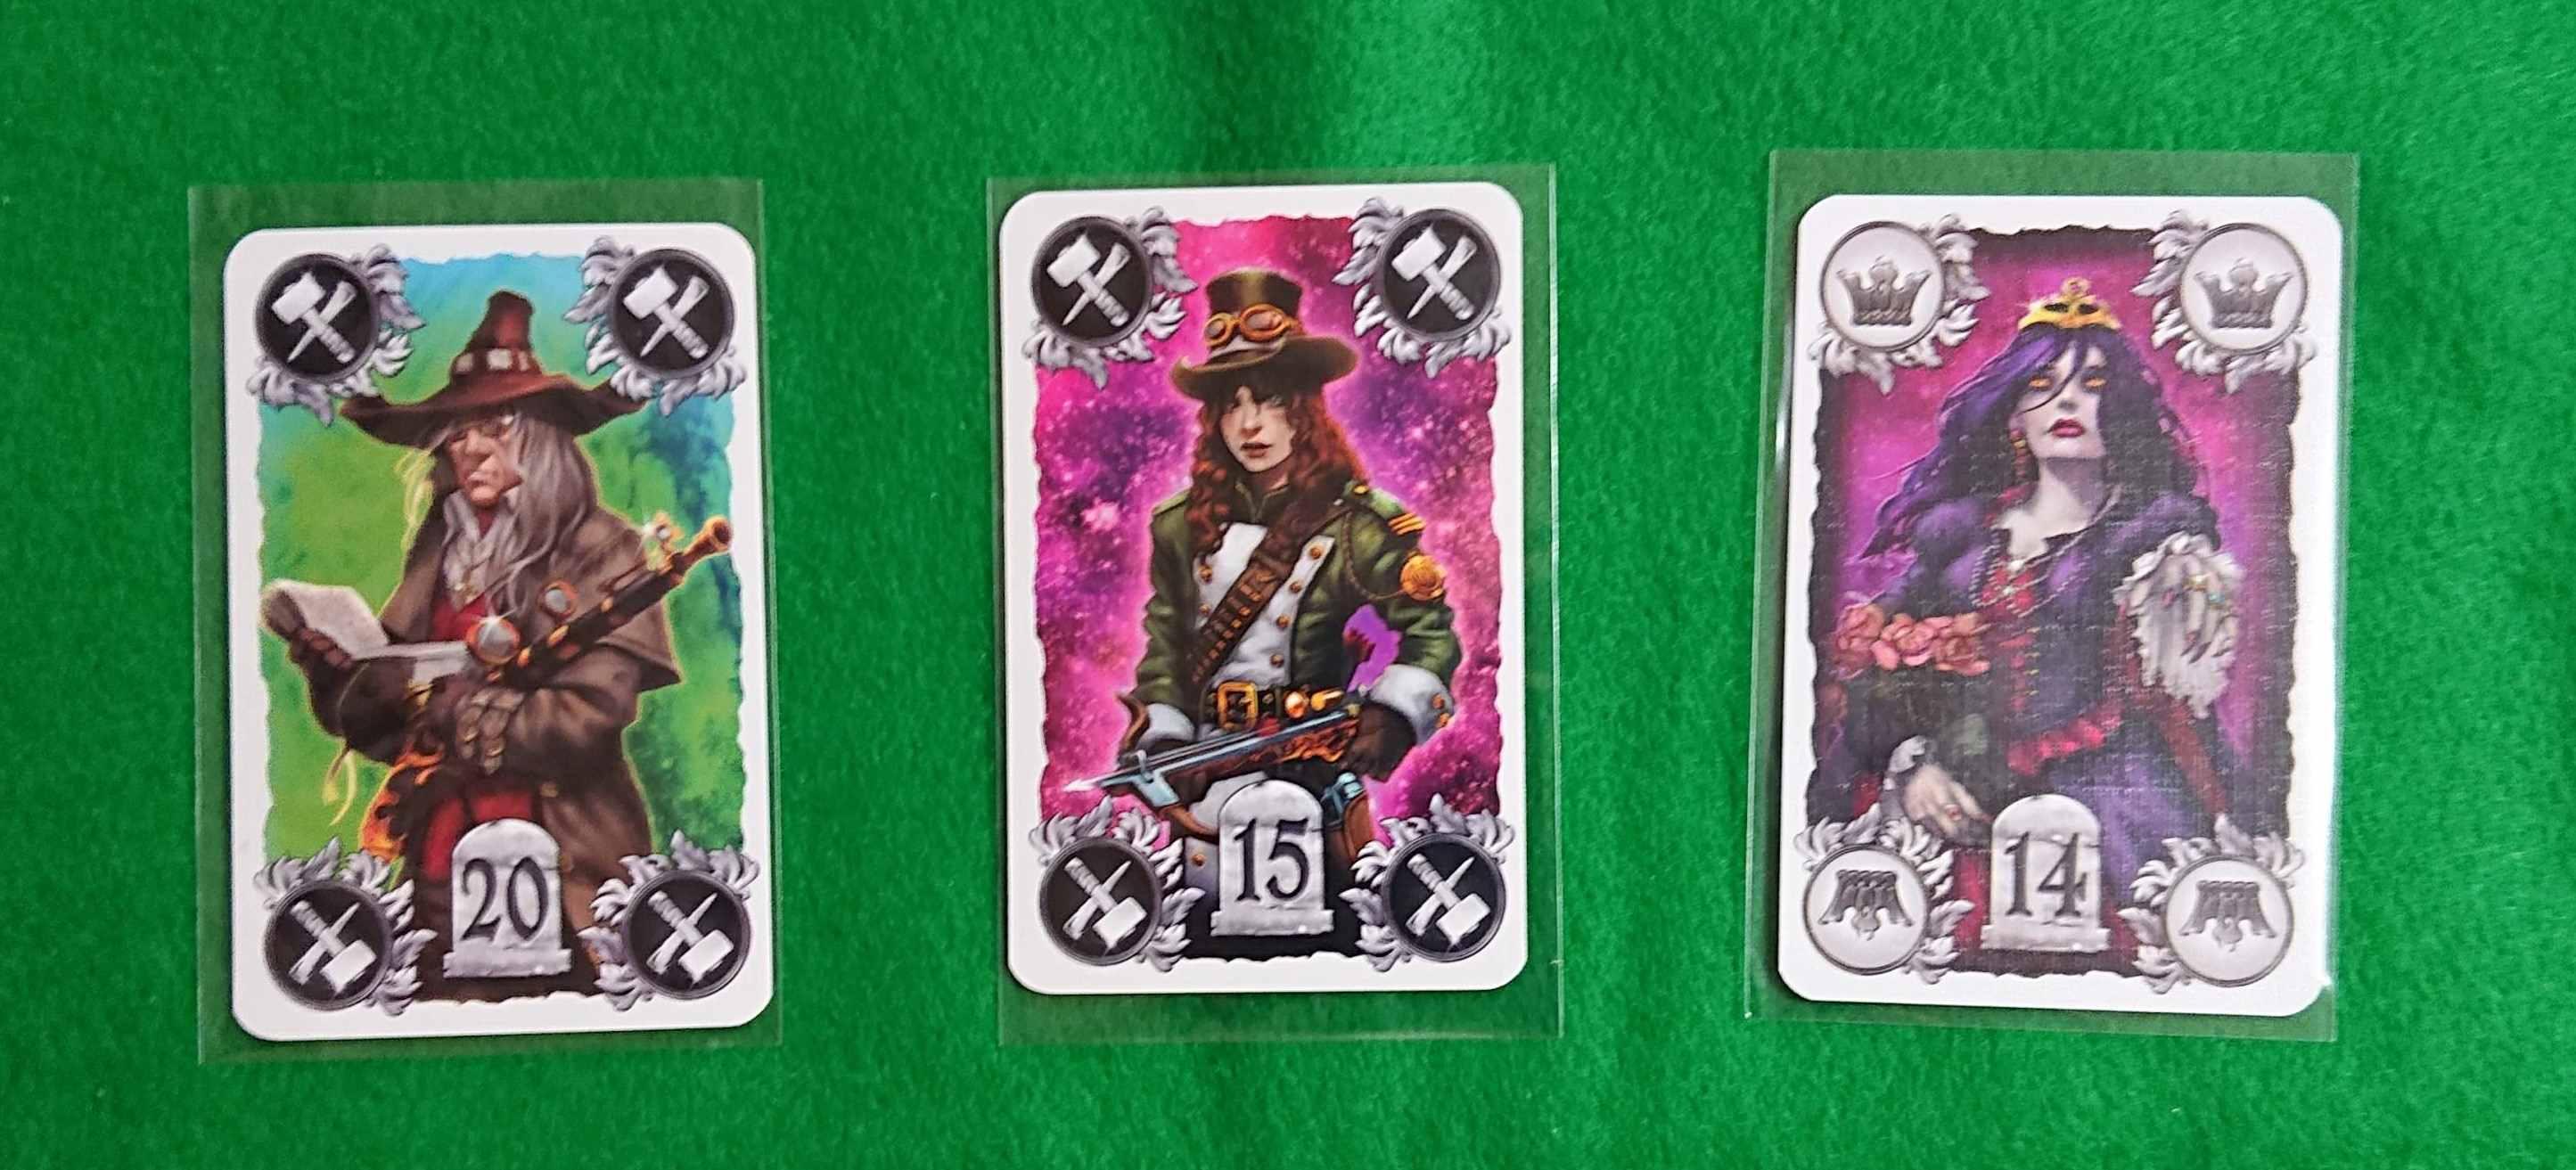 ヴァンパイア・クィーン(VAMPIRE QUEEN) トリックテイク系カードゲーム 早く仲間を逃がせ! ルール説明 ボードゲーム